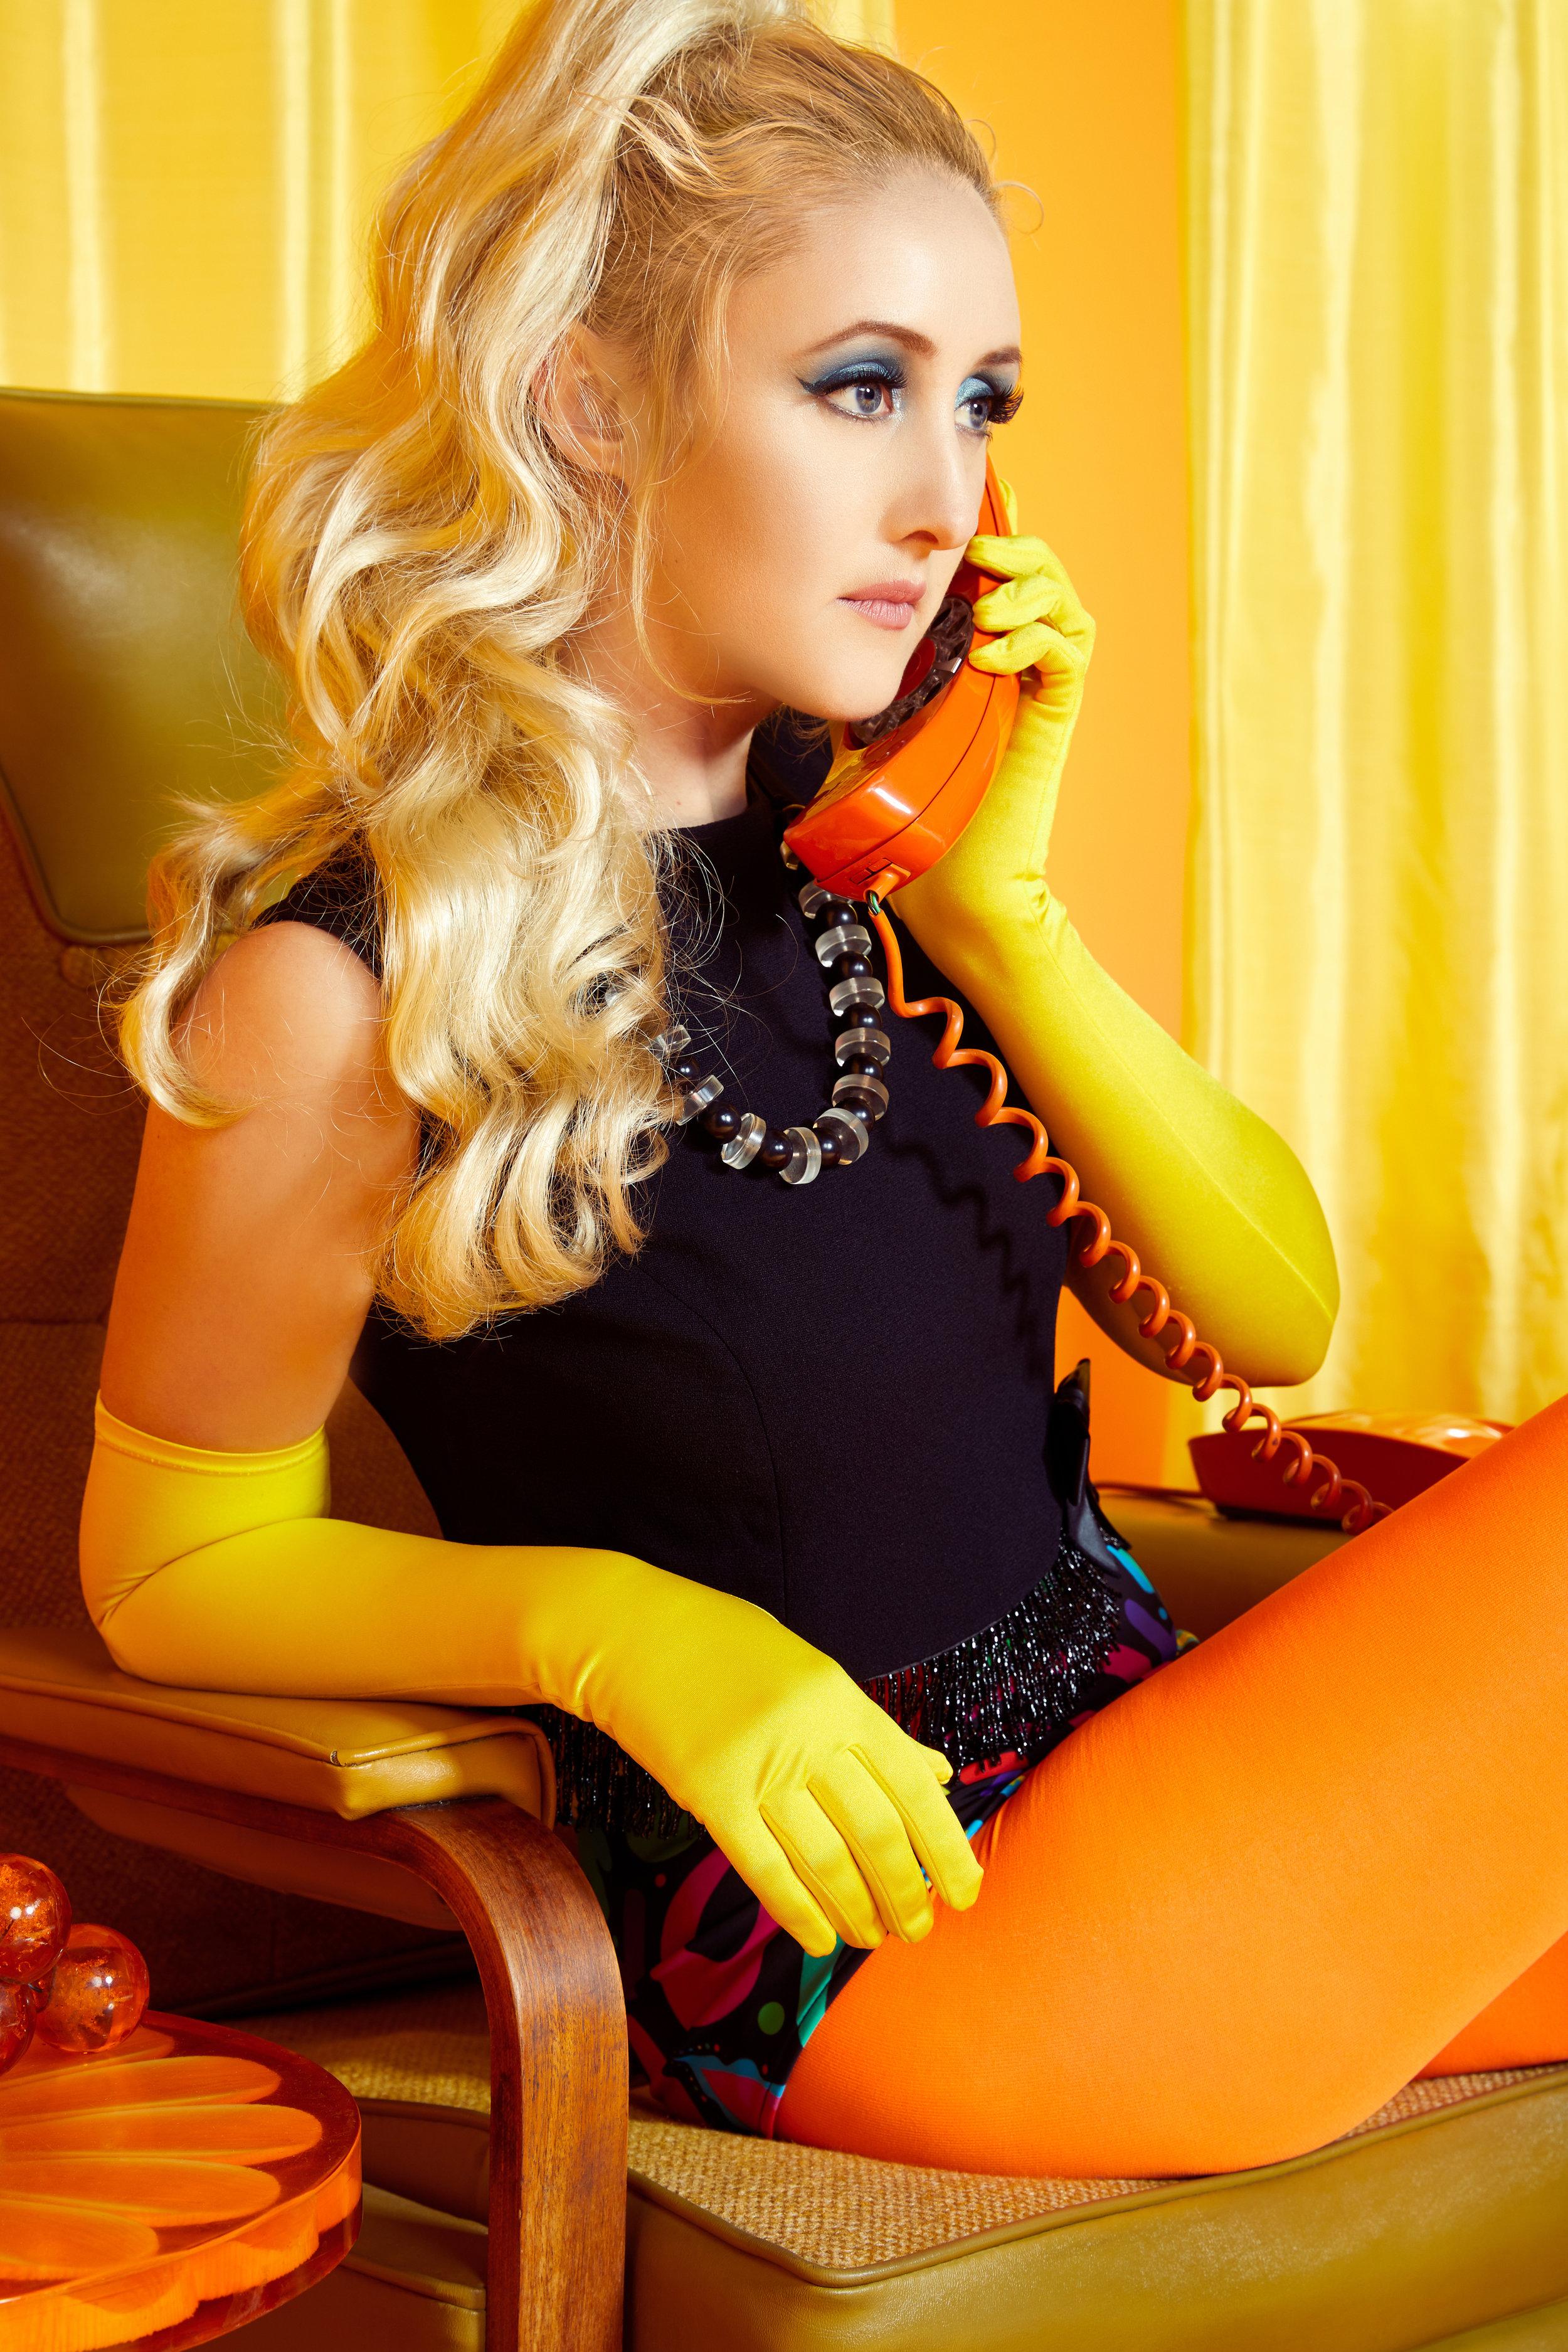 Orange Yellow Talking Phone.jpg